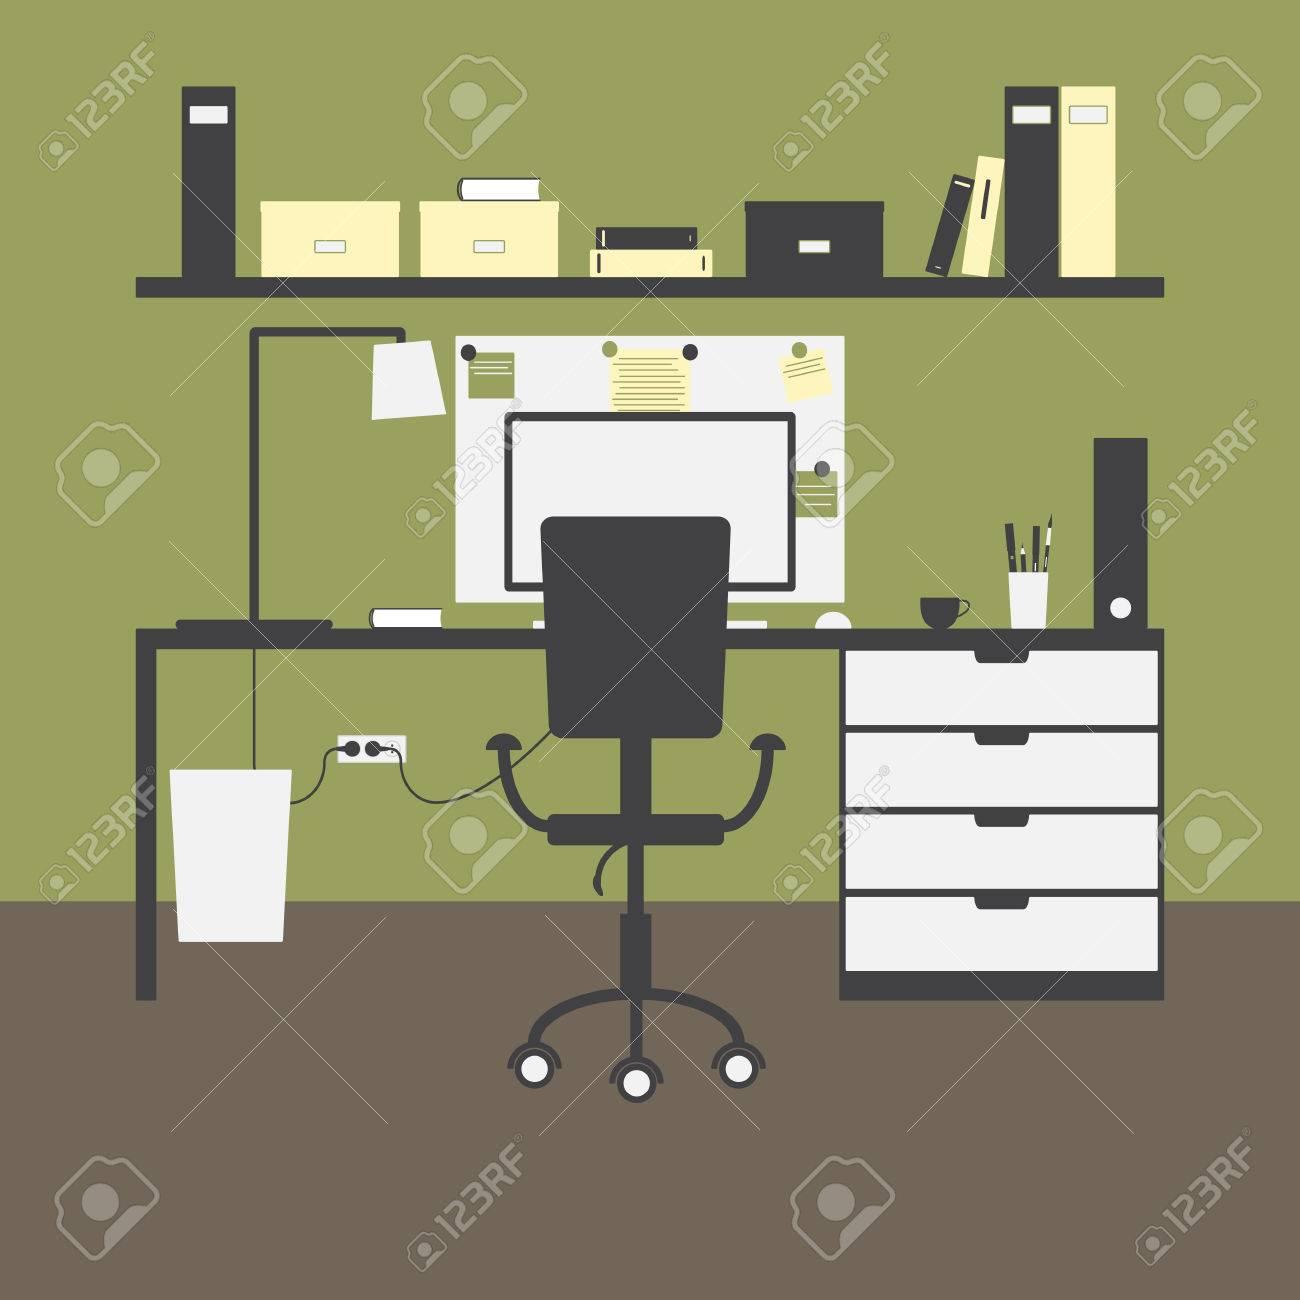 Arbeitsplatz Mit Grossem Tisch Stuhl Lampe Monitor Maus Cup